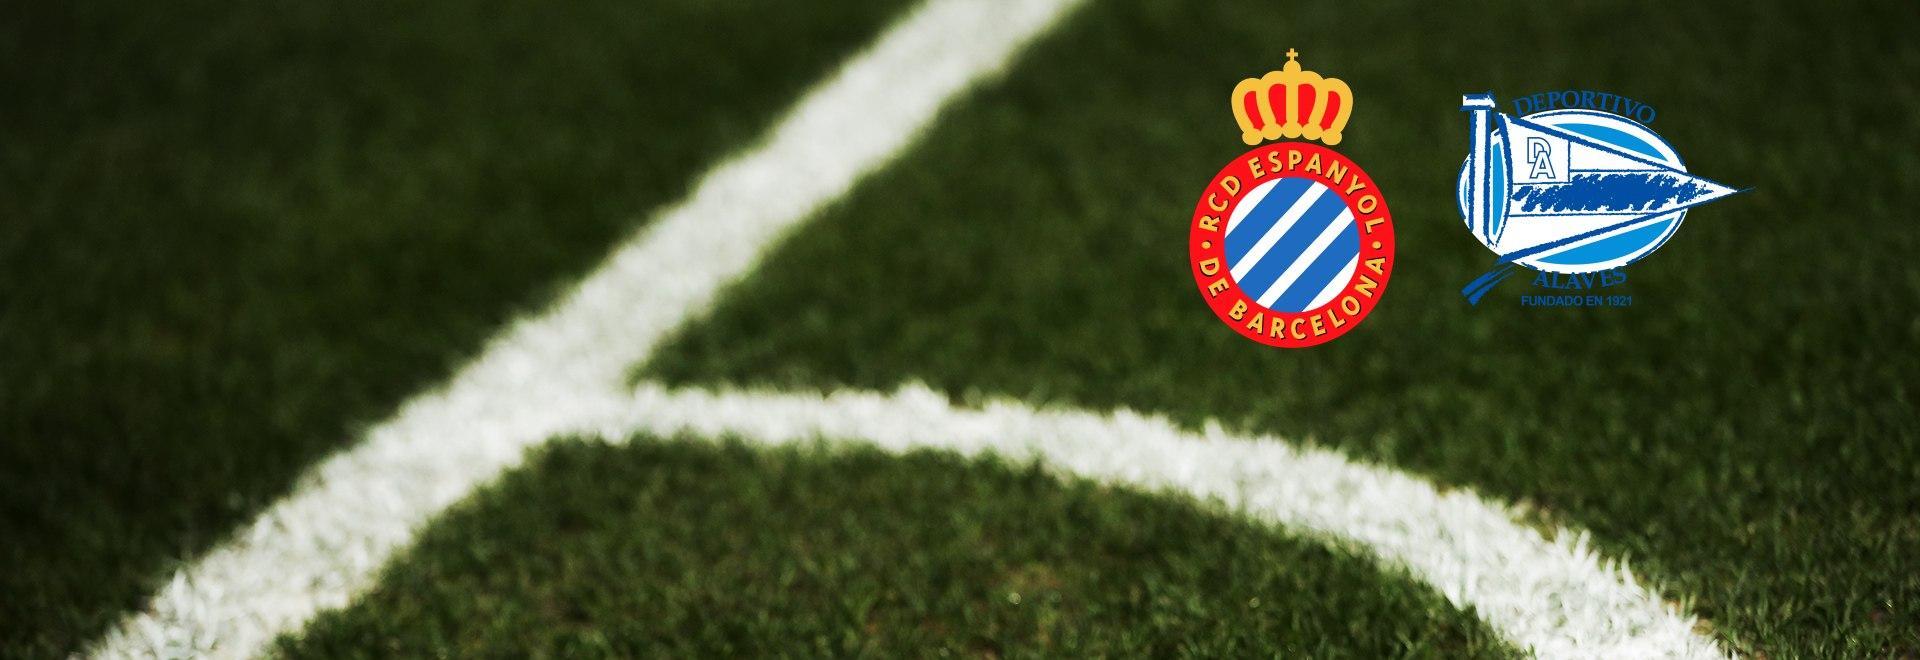 Espanyol - Alaves. 28a g.